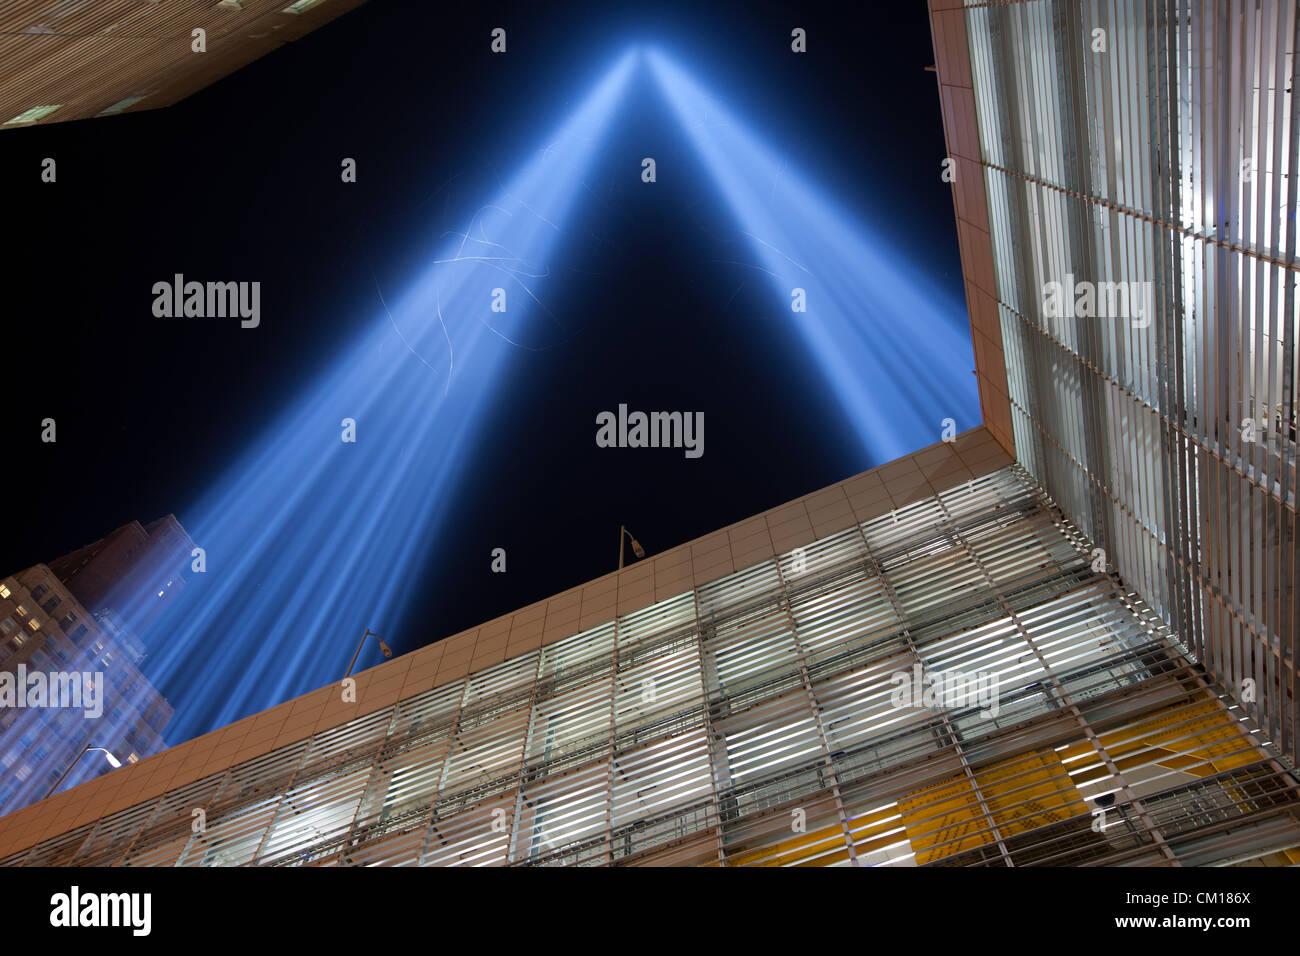 Die zwei Lichtstrahlen der Tribute in Light, eine jährliche Erinnerung an die Ereignisse des 11. September Stockbild